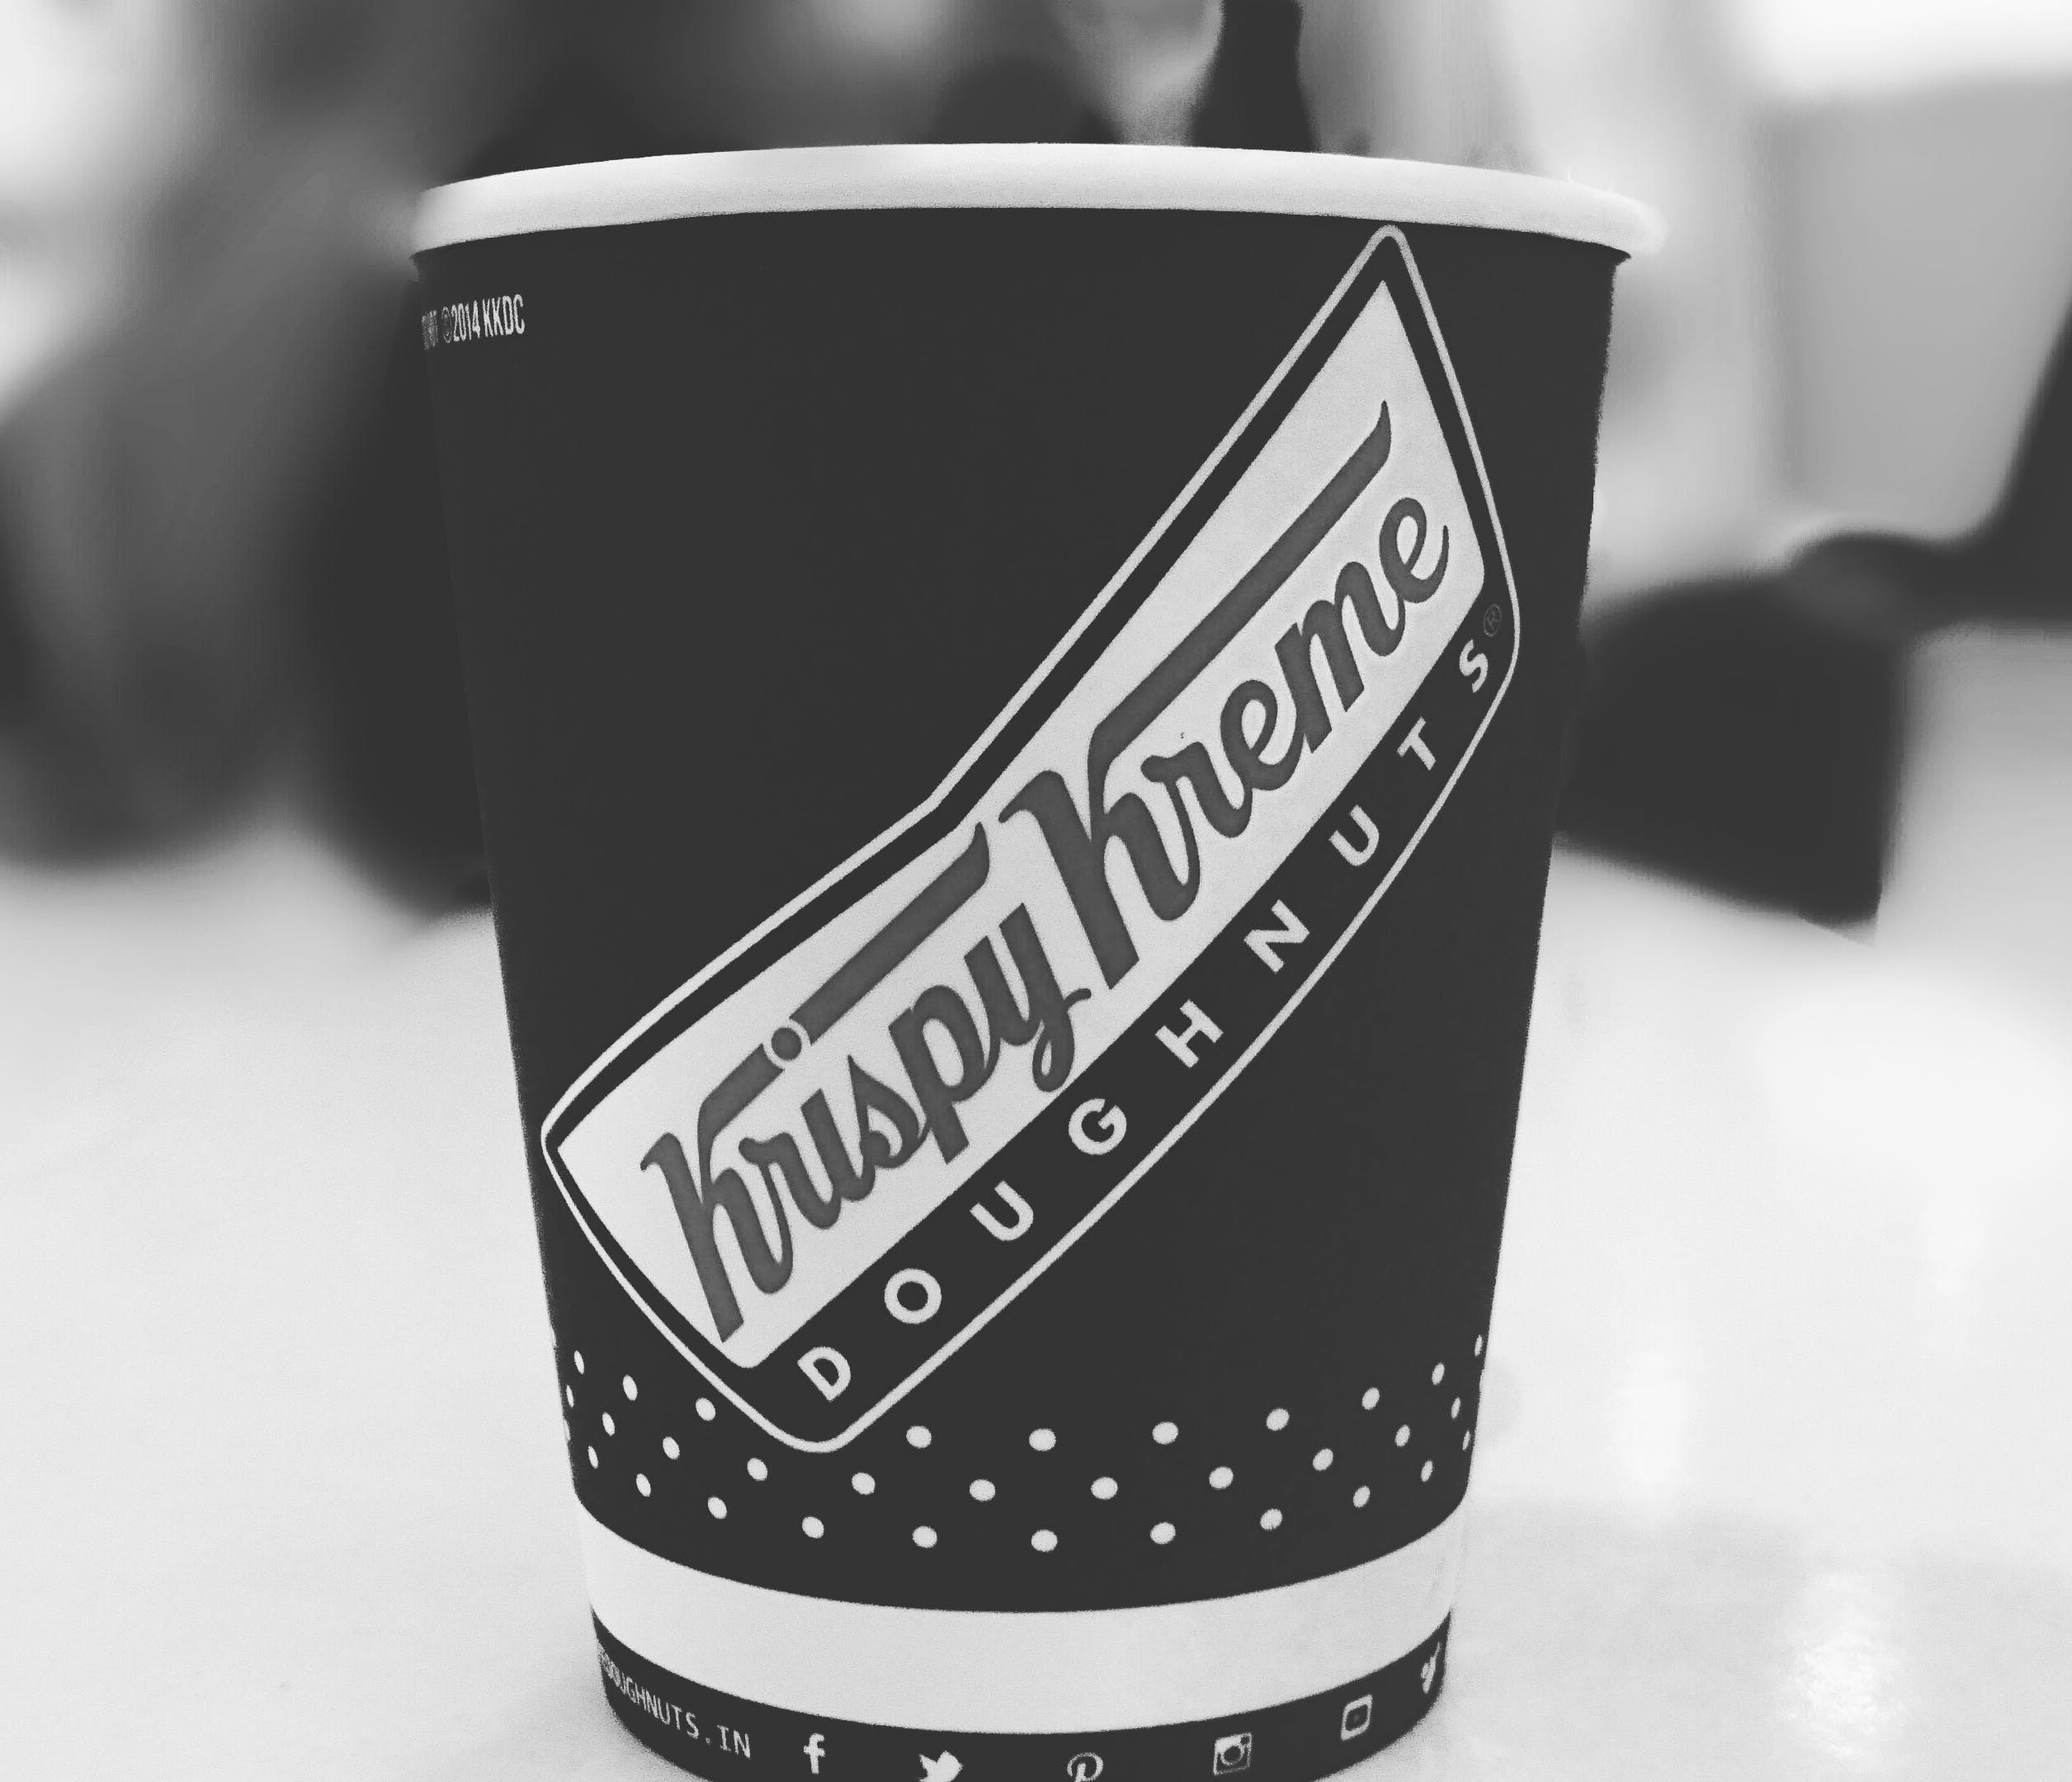 Krispy Kreme Doughnuts Solo Cup